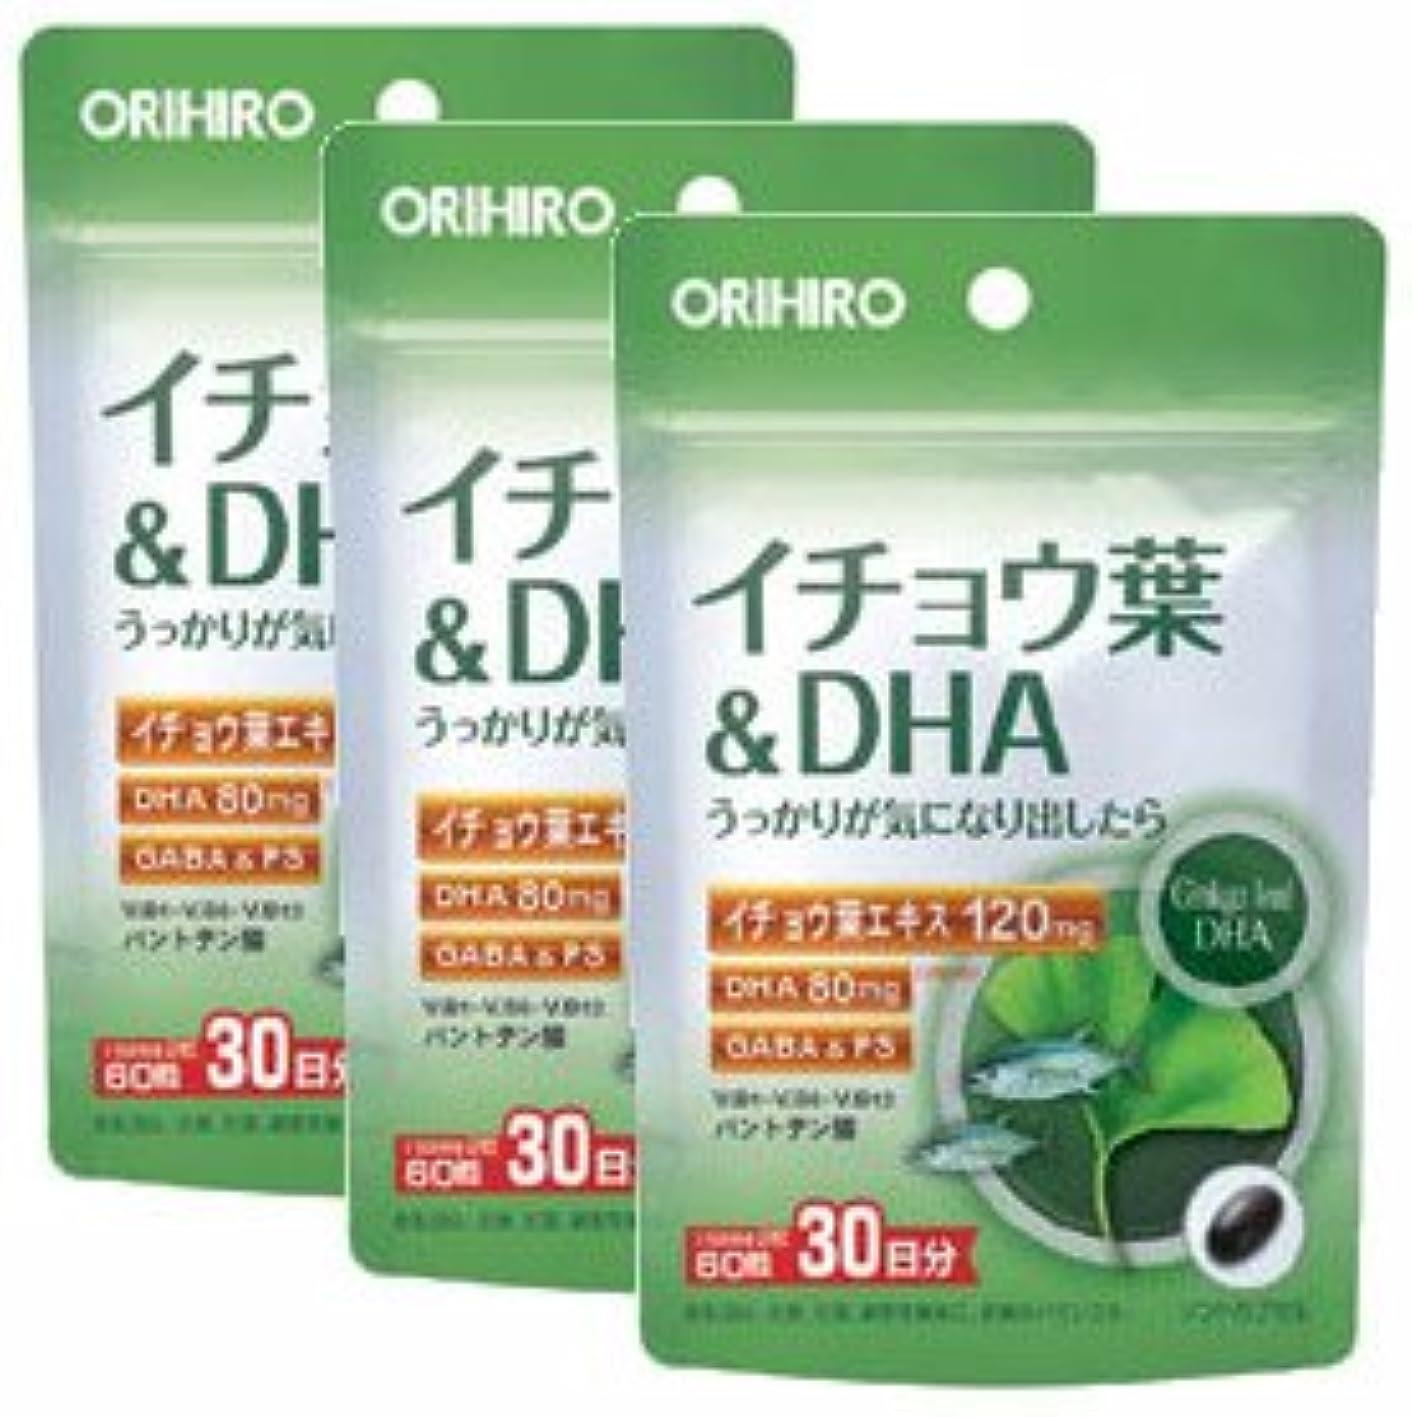 スプーン感覚水を飲むイチョウ葉&DHA PD【3袋セット】オリヒロ